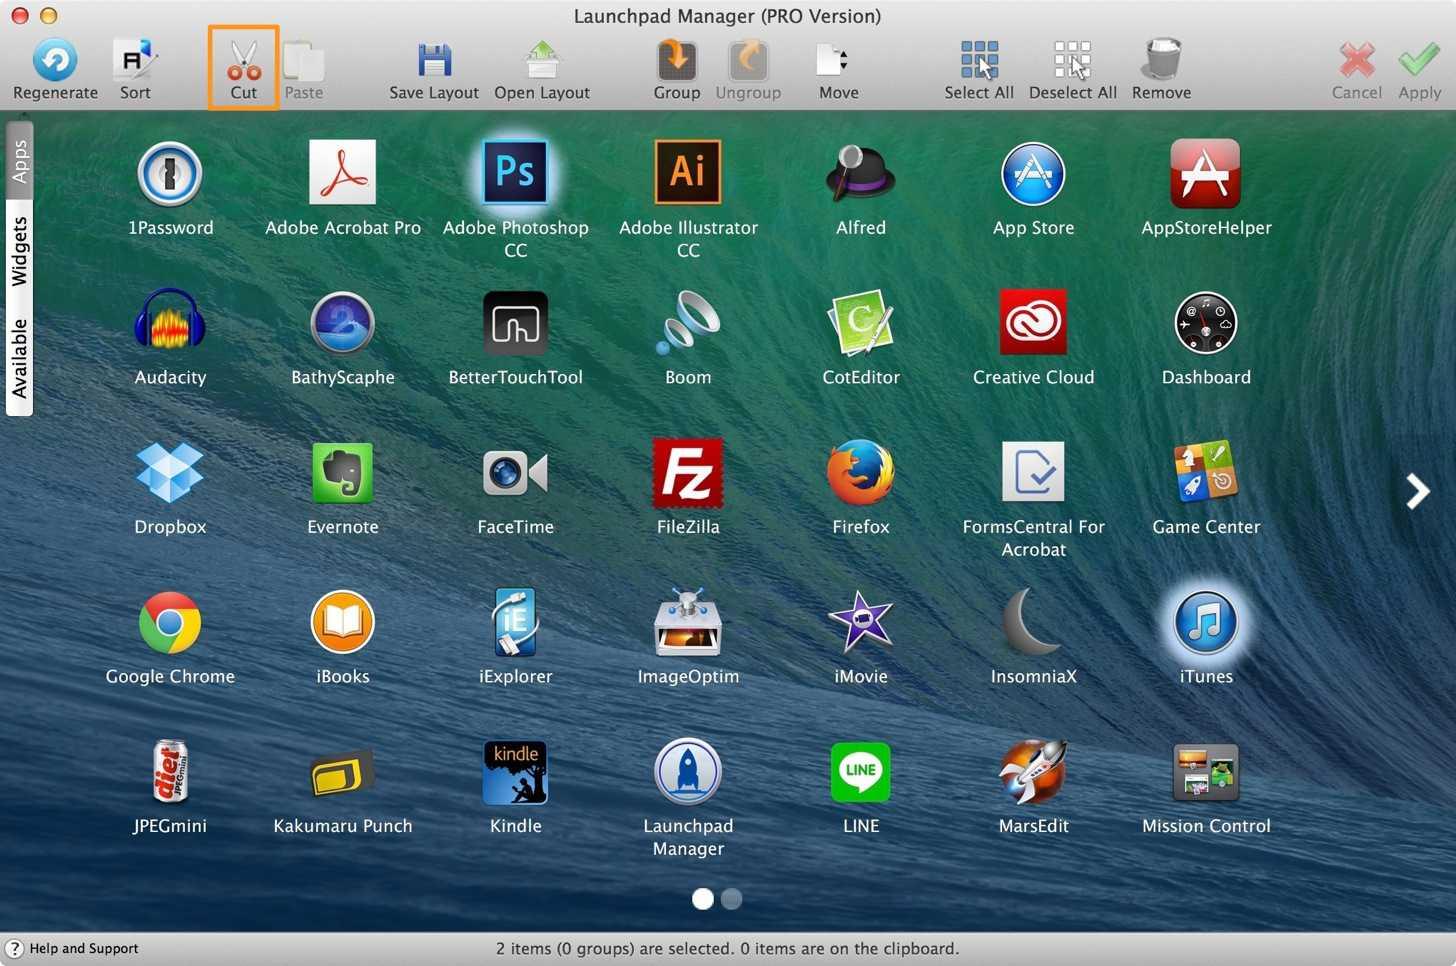 Launchpad Managerで削除したいアプリを選択